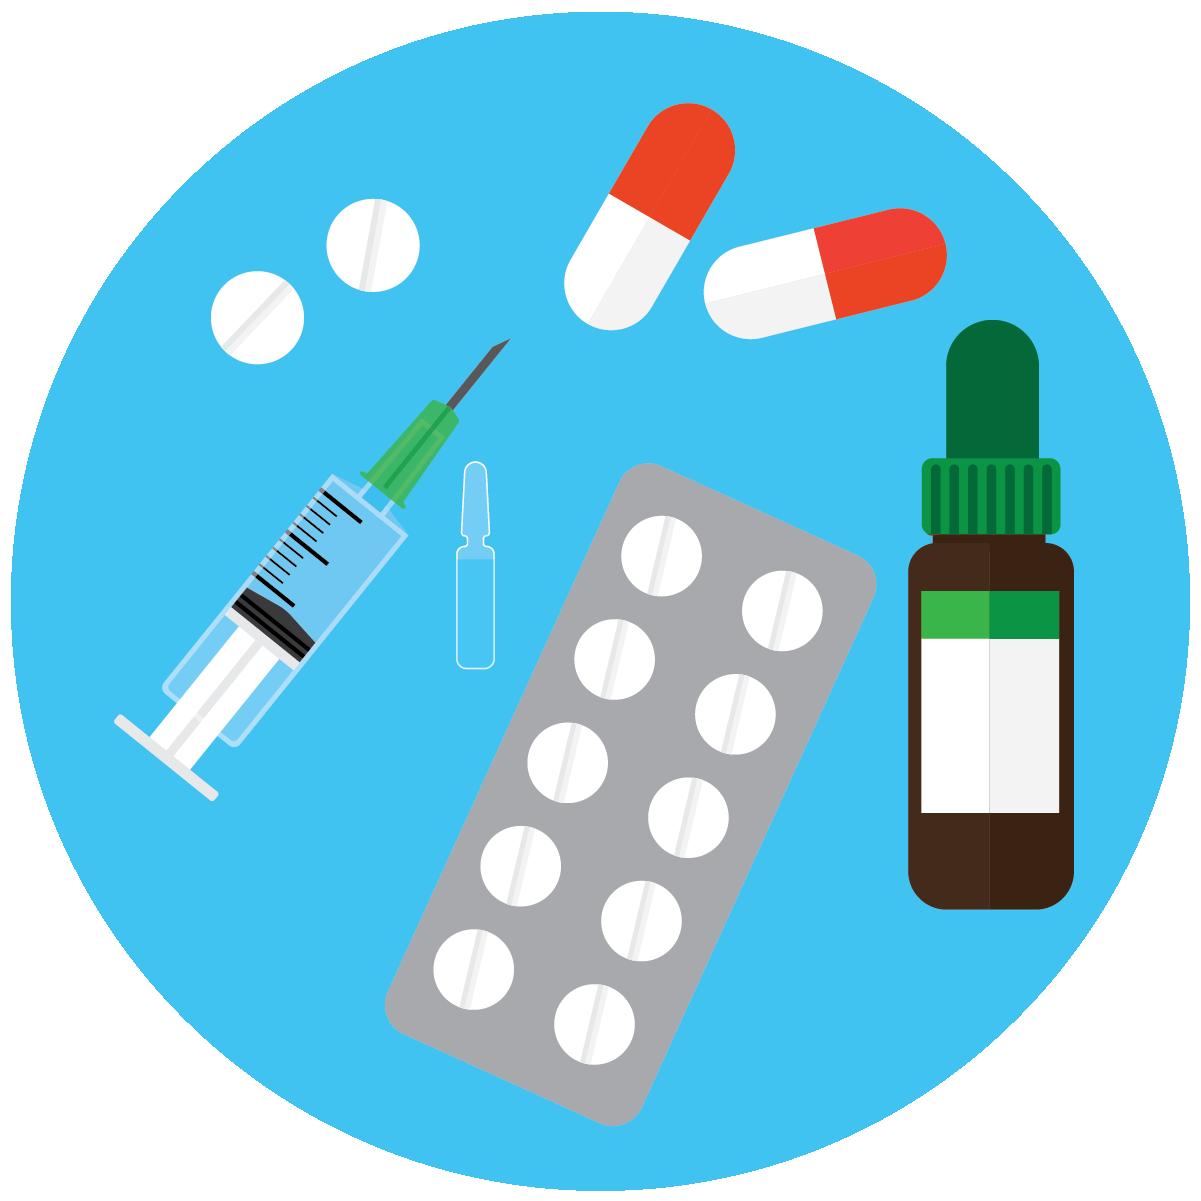 Drugs safety free on. Syringe clipart diabetes medication